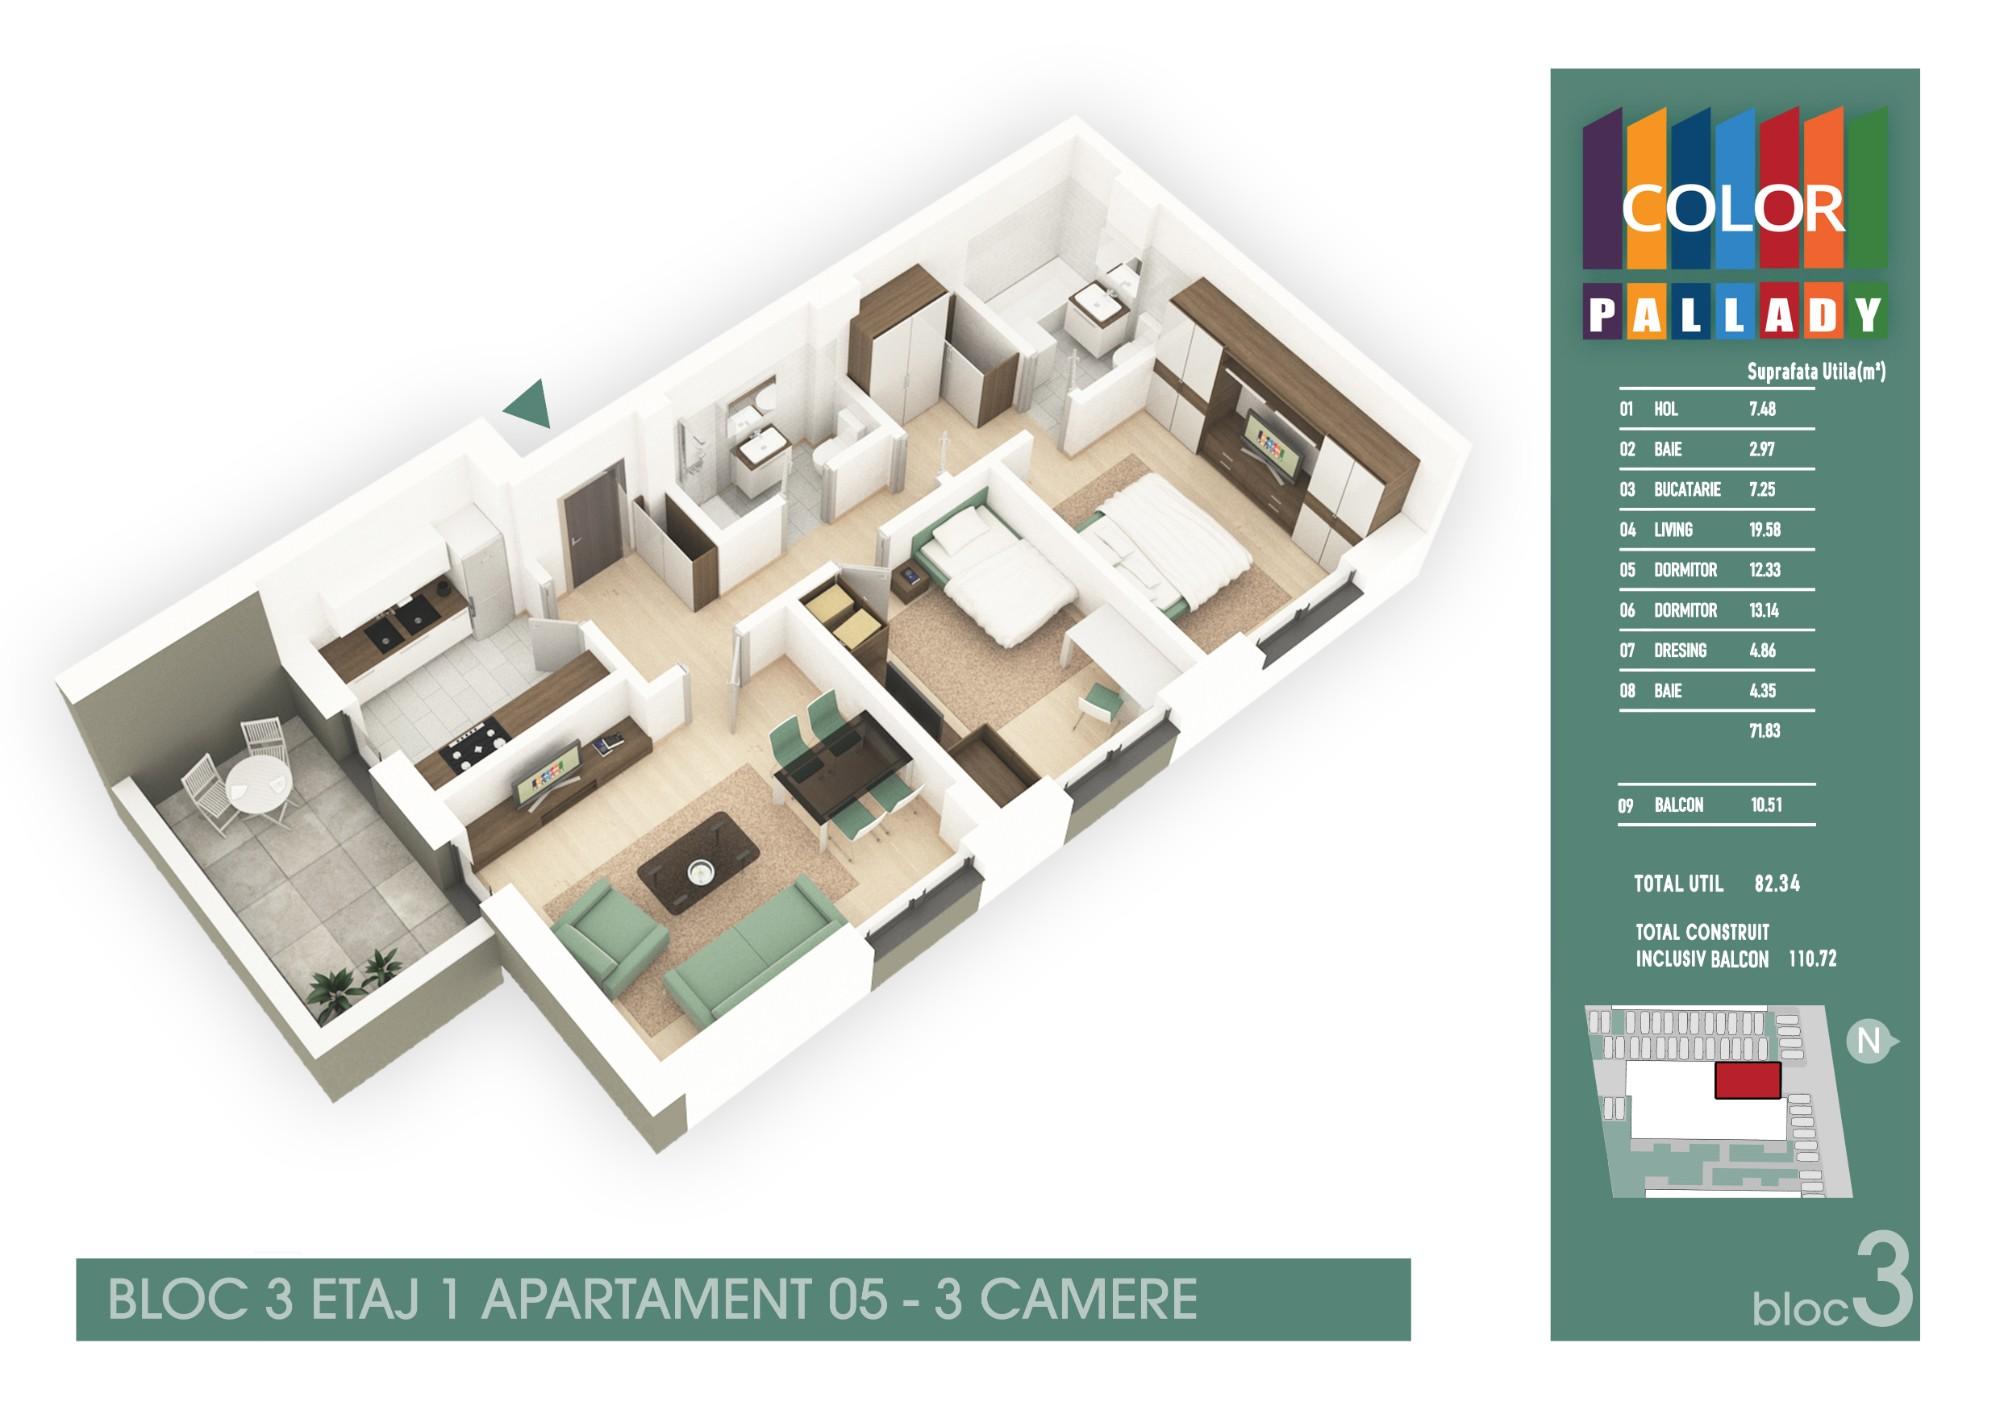 Bloc 3 - Etaj 1 - Apartament 05